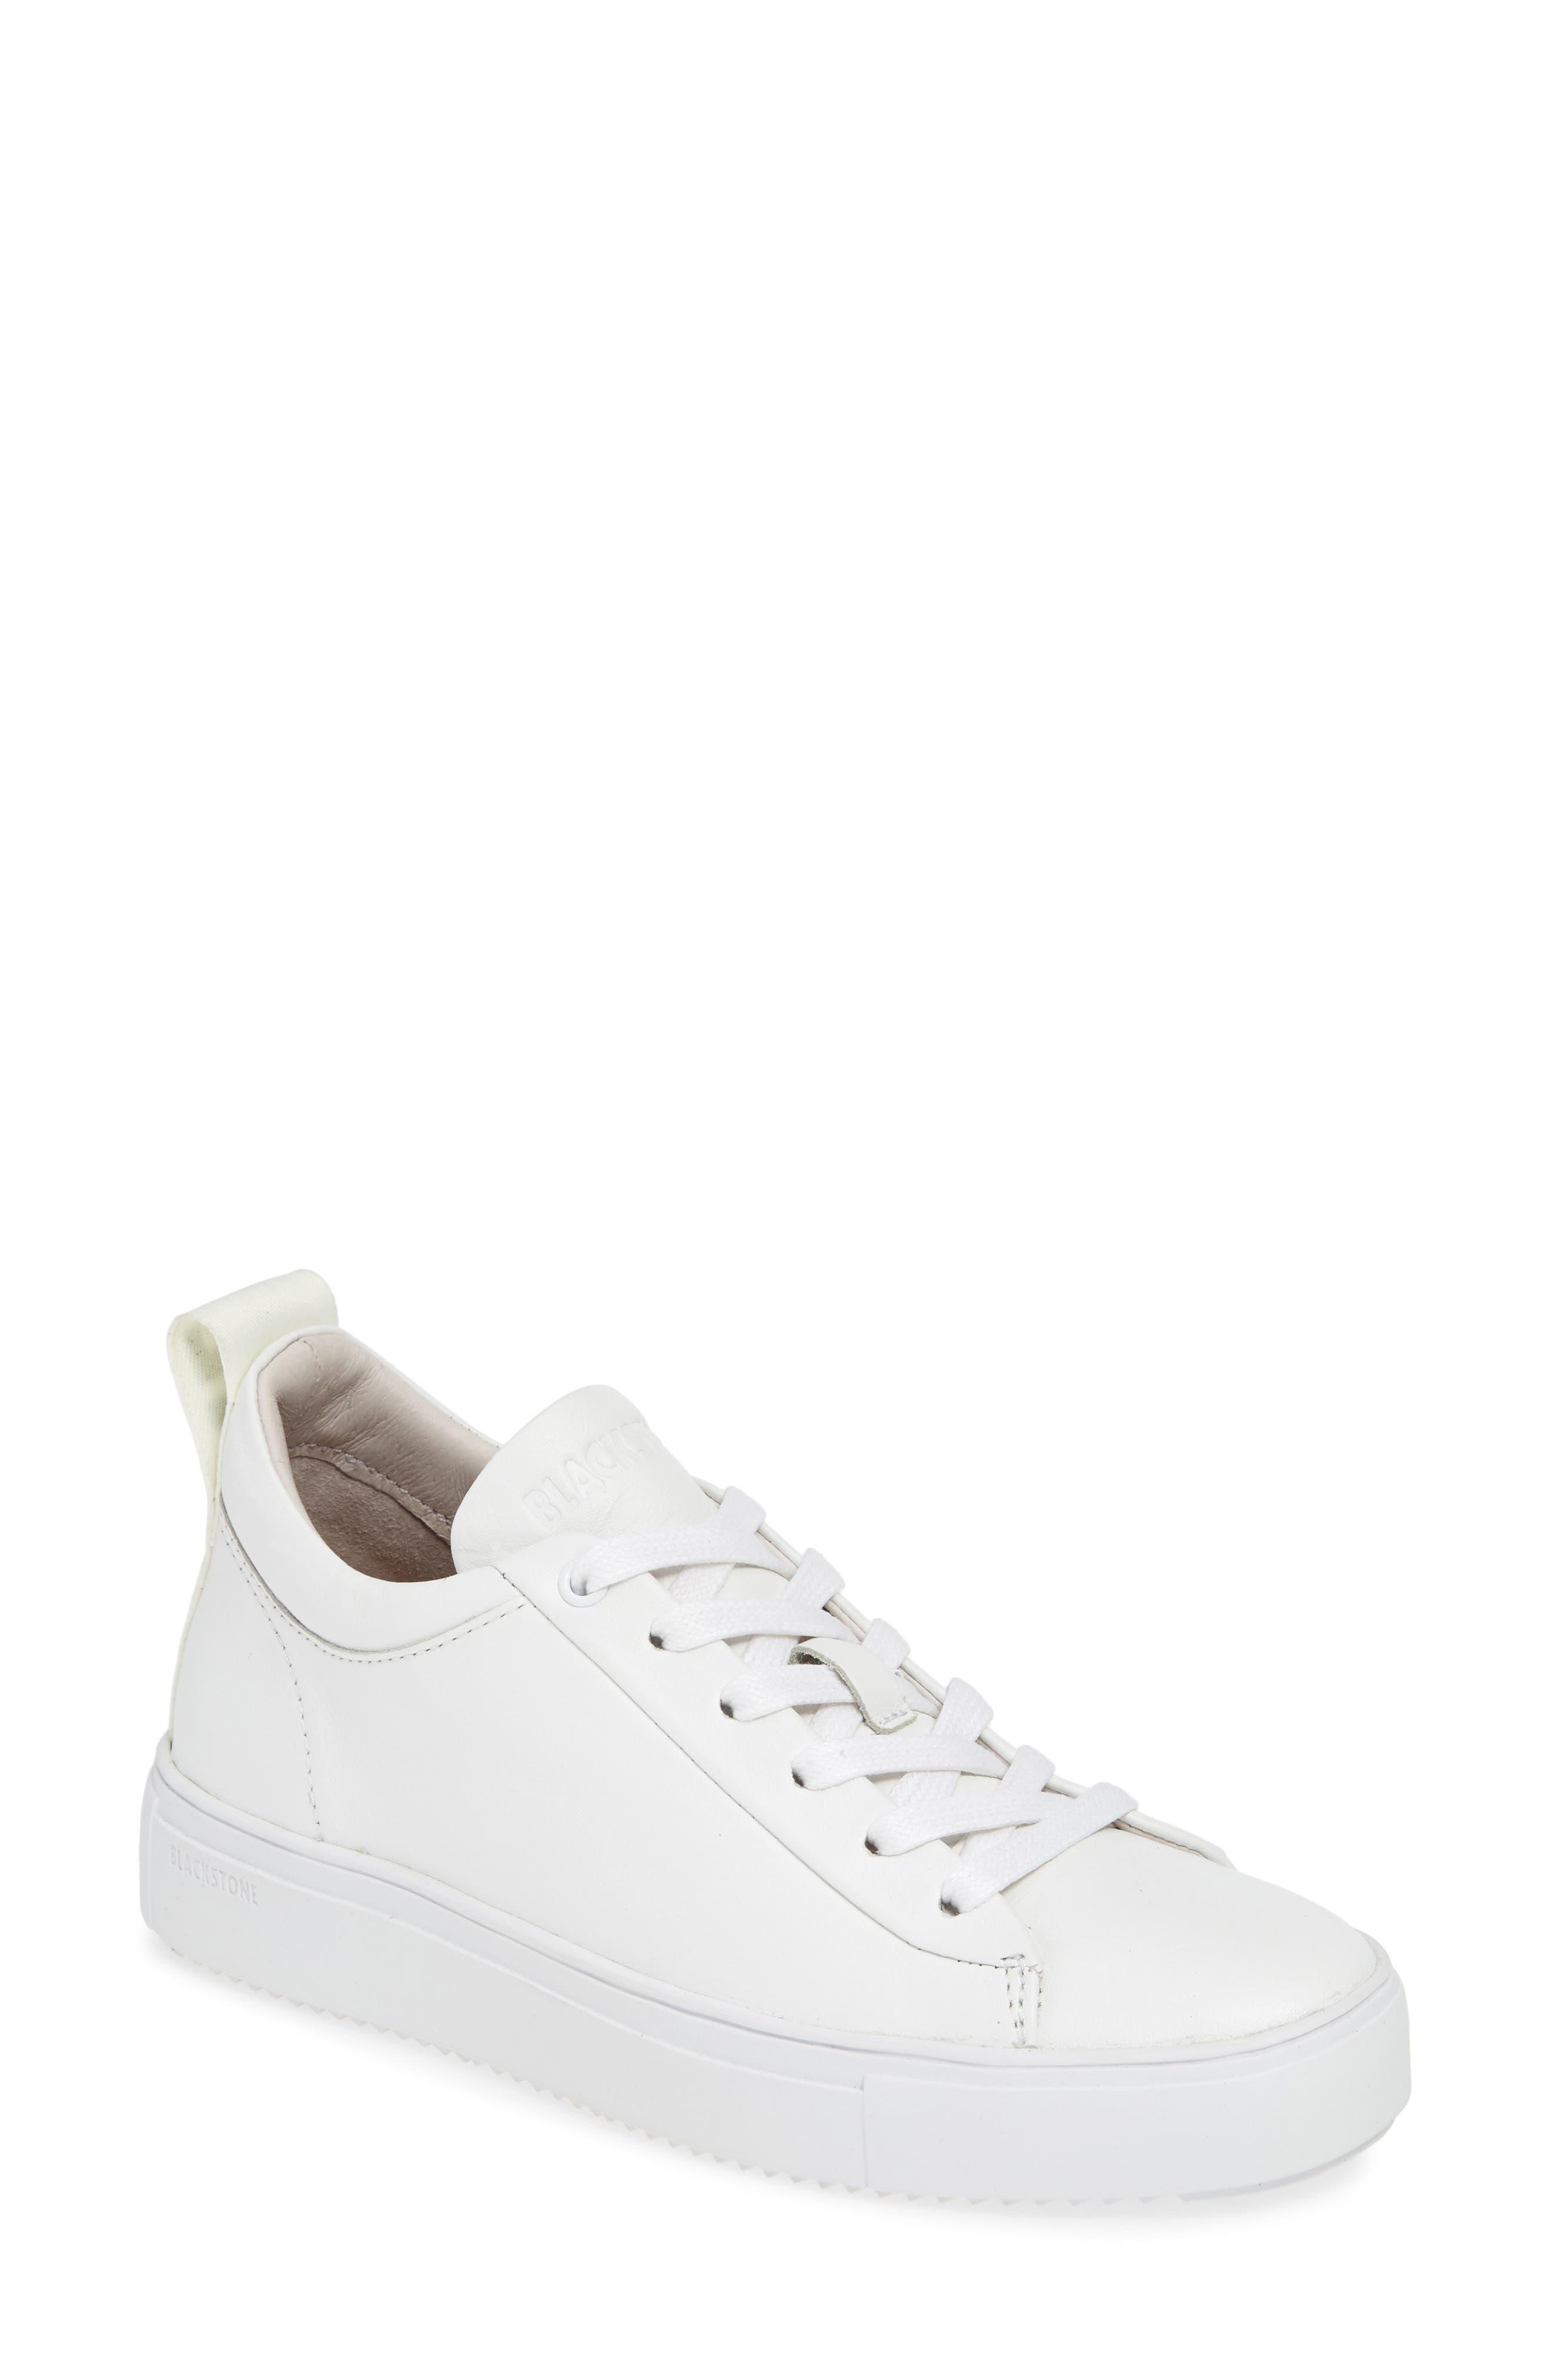 Rl65 Mid Top Sneaker